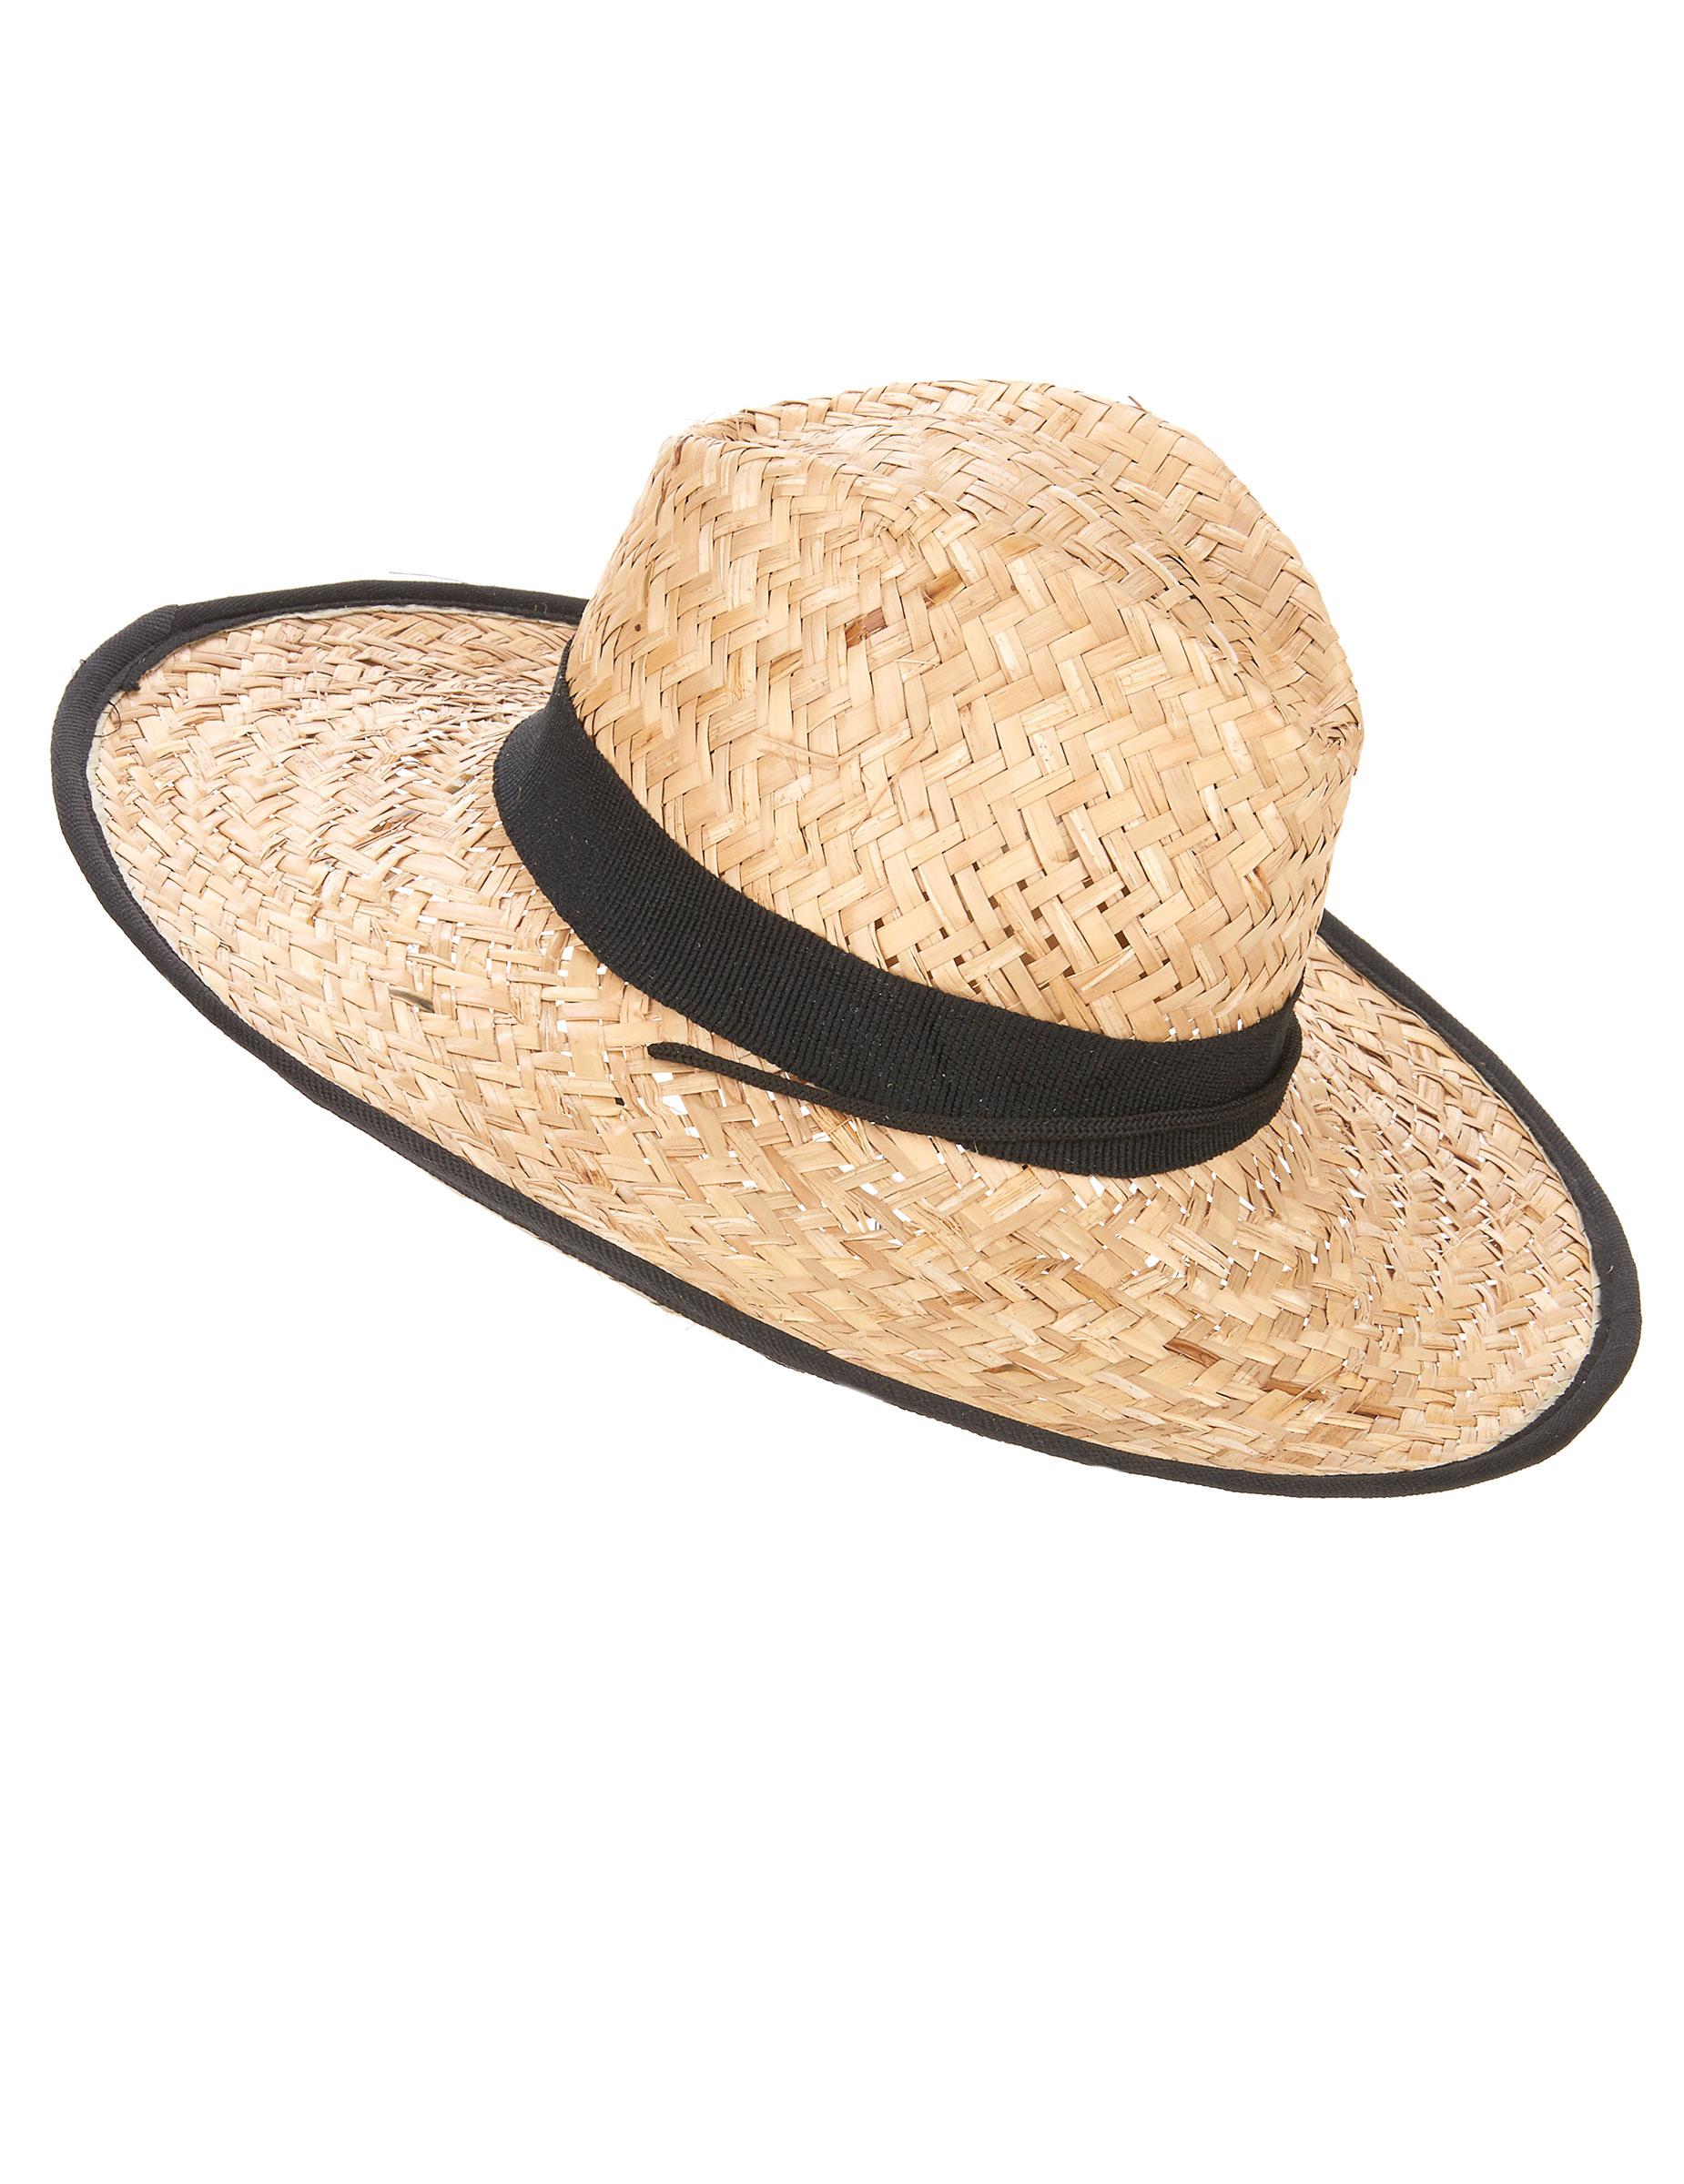 Cappello di paglia a falda larga  Cappelli 9649d312cca2